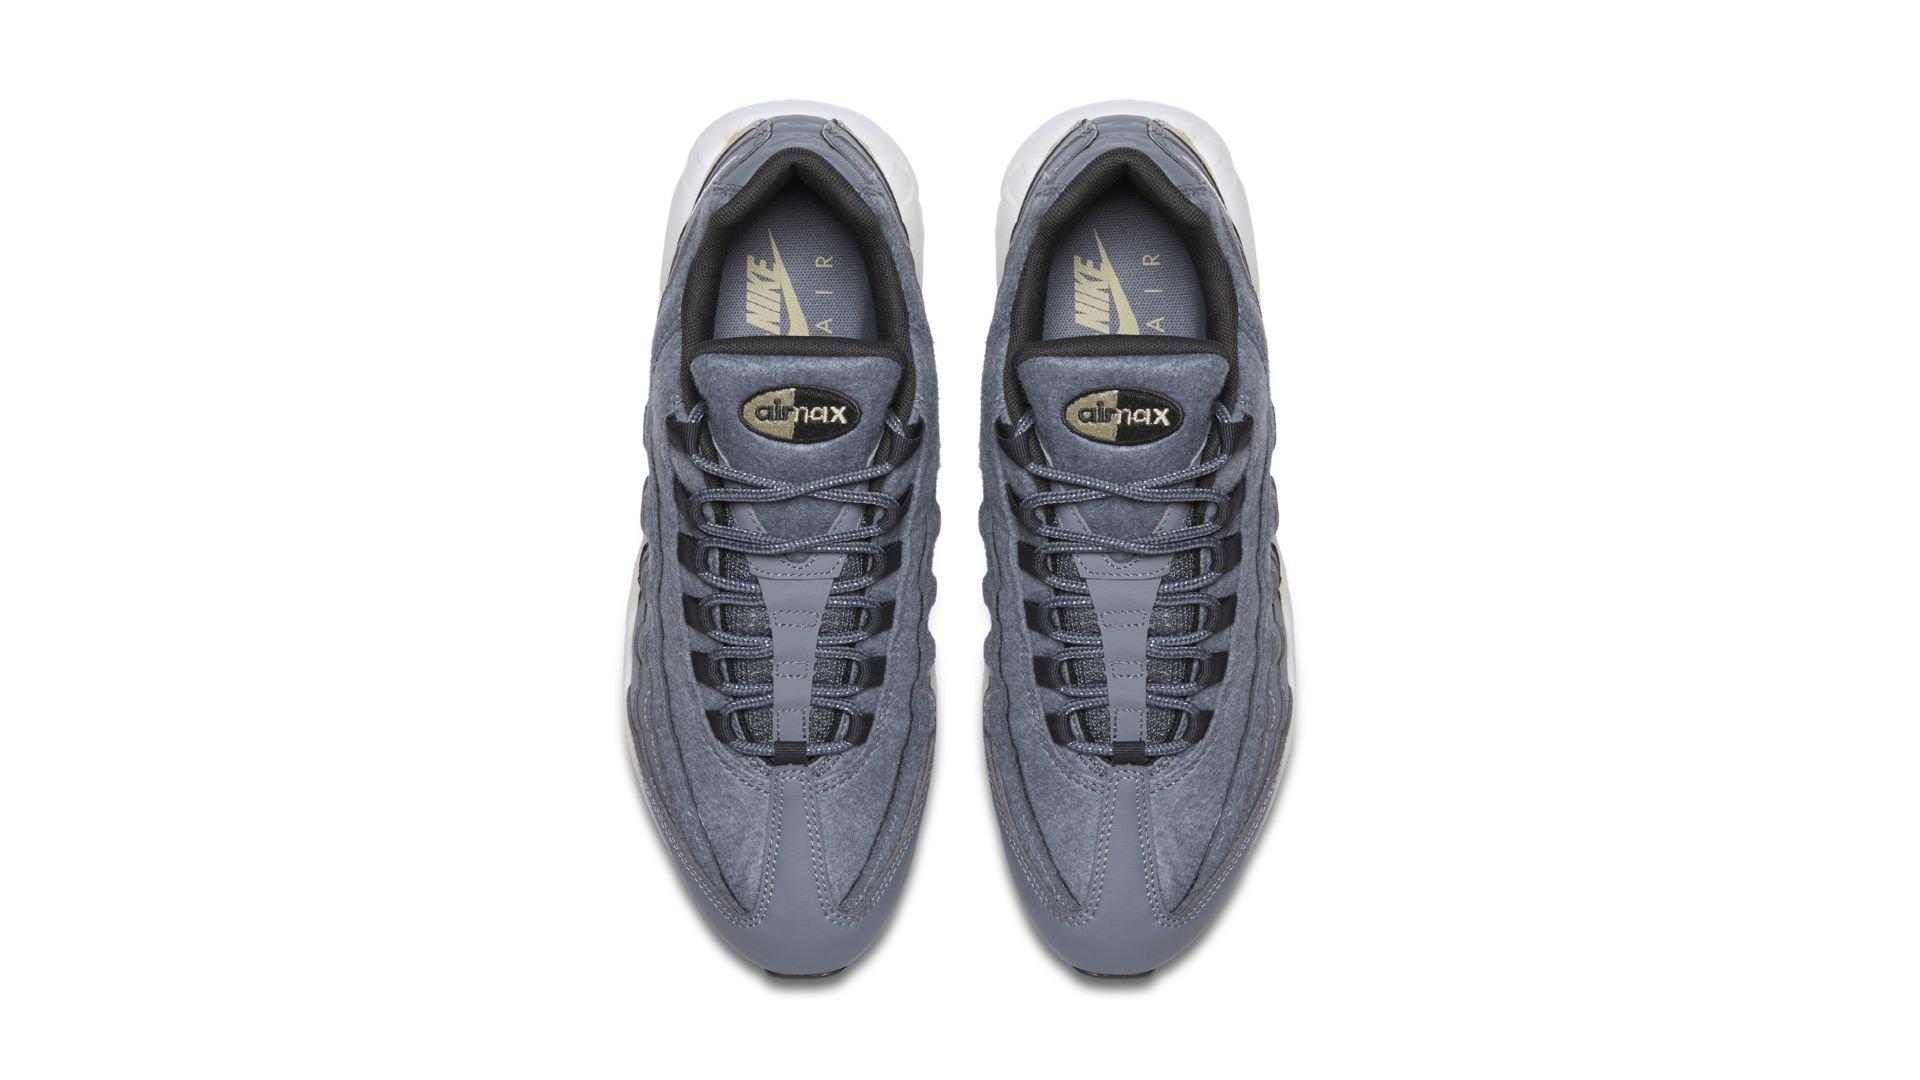 Nike Air Max 95 538416-009